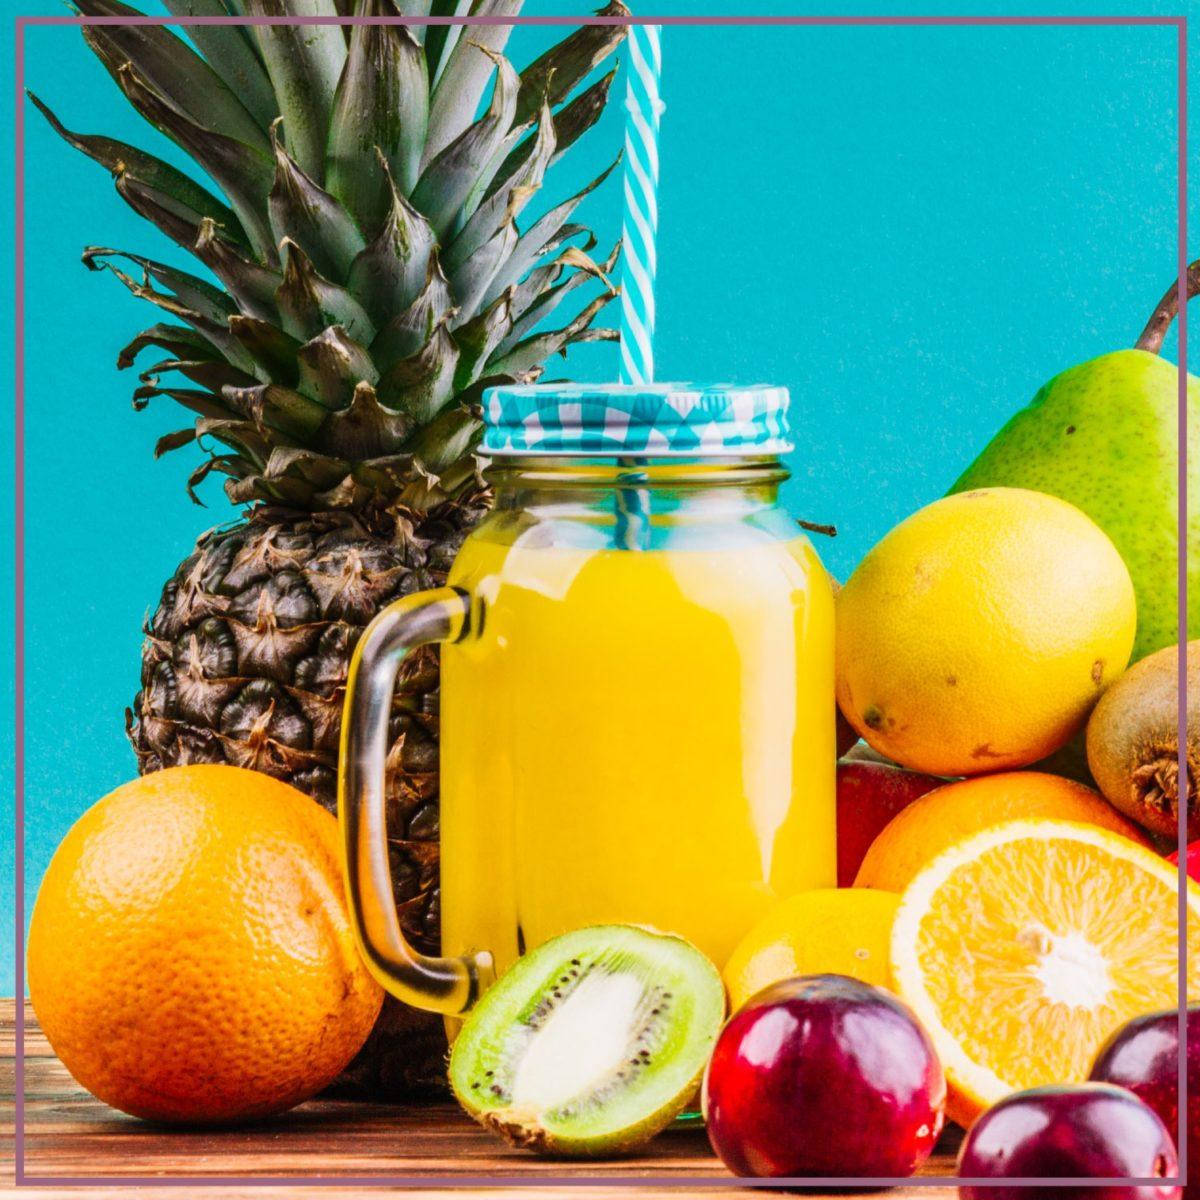 Estratti-e-centrifughe-possono-sostituire-frutta-e-verdura-i-consigli-B-Woman-1200x1200.jpeg